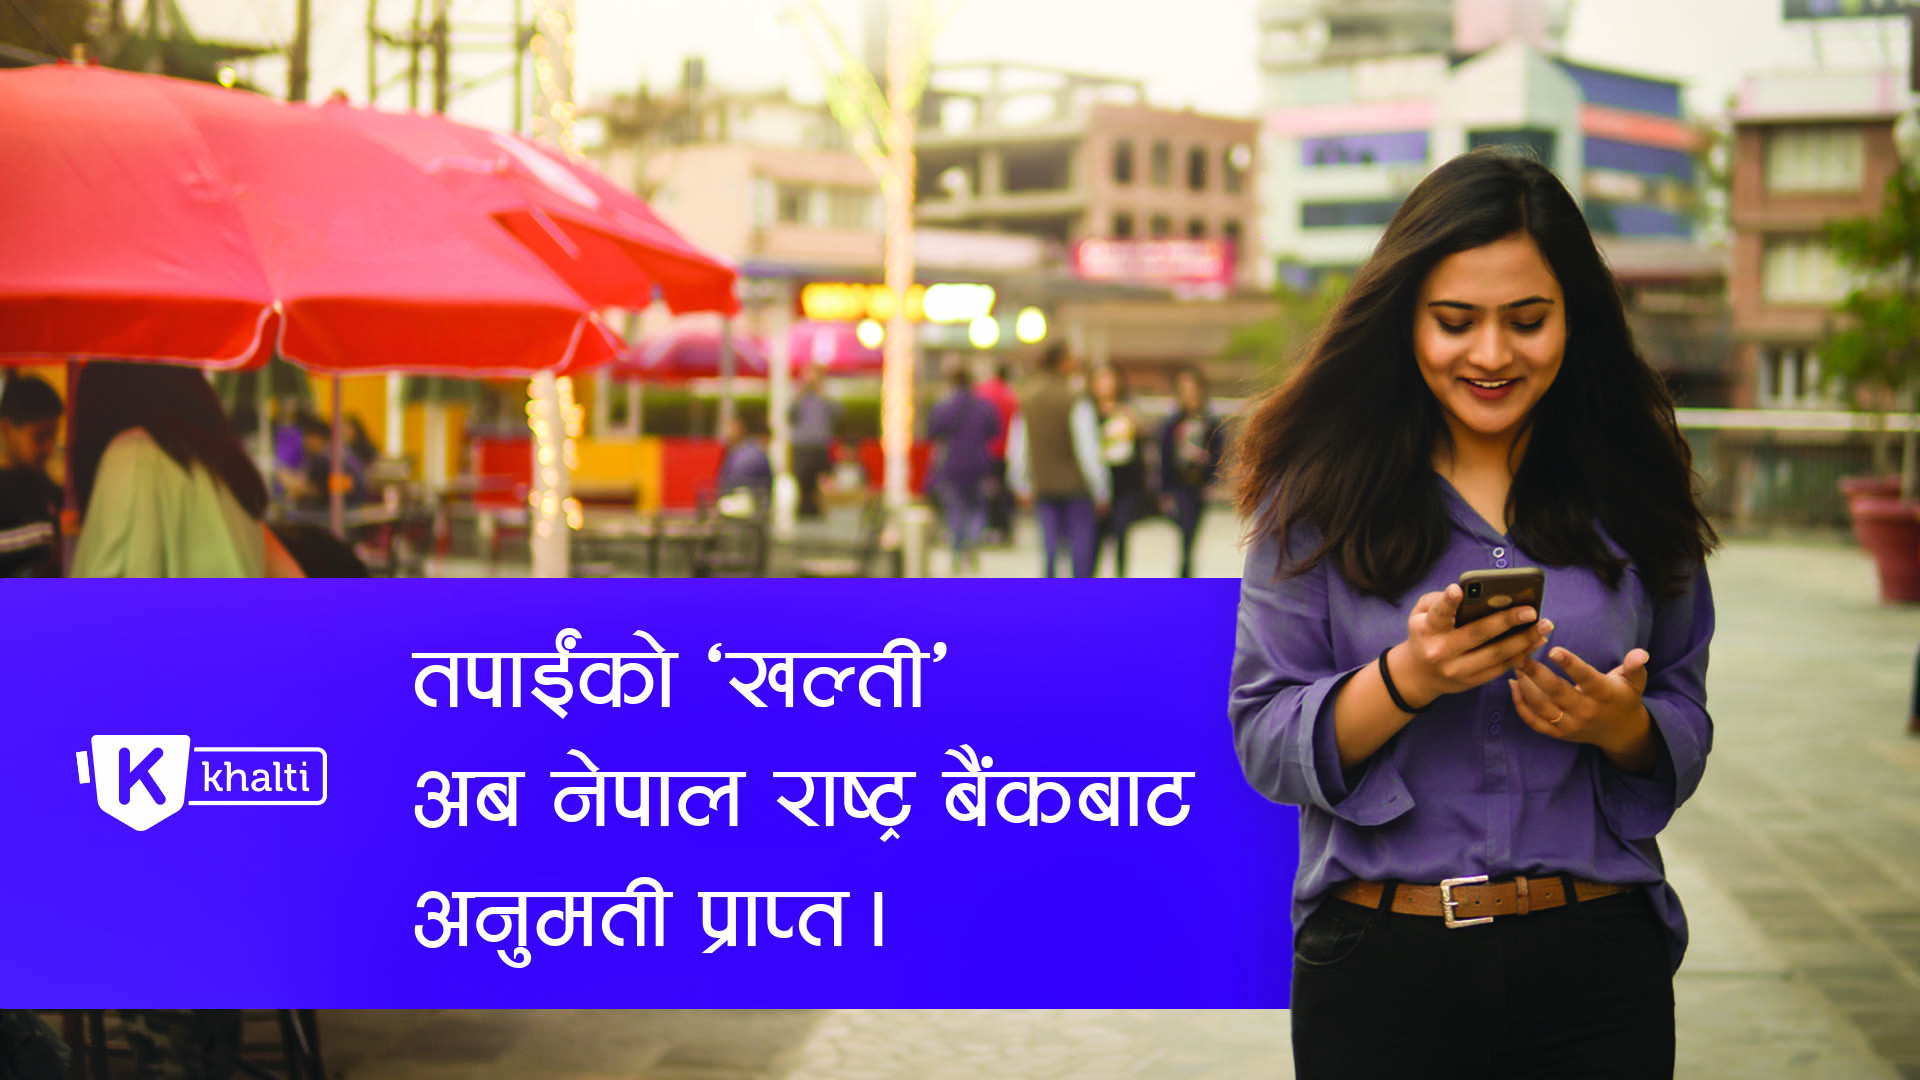 'खल्ती' डिजिटल वालेटले पायो नेपाल राष्ट्र बैंकबाट अनुमति